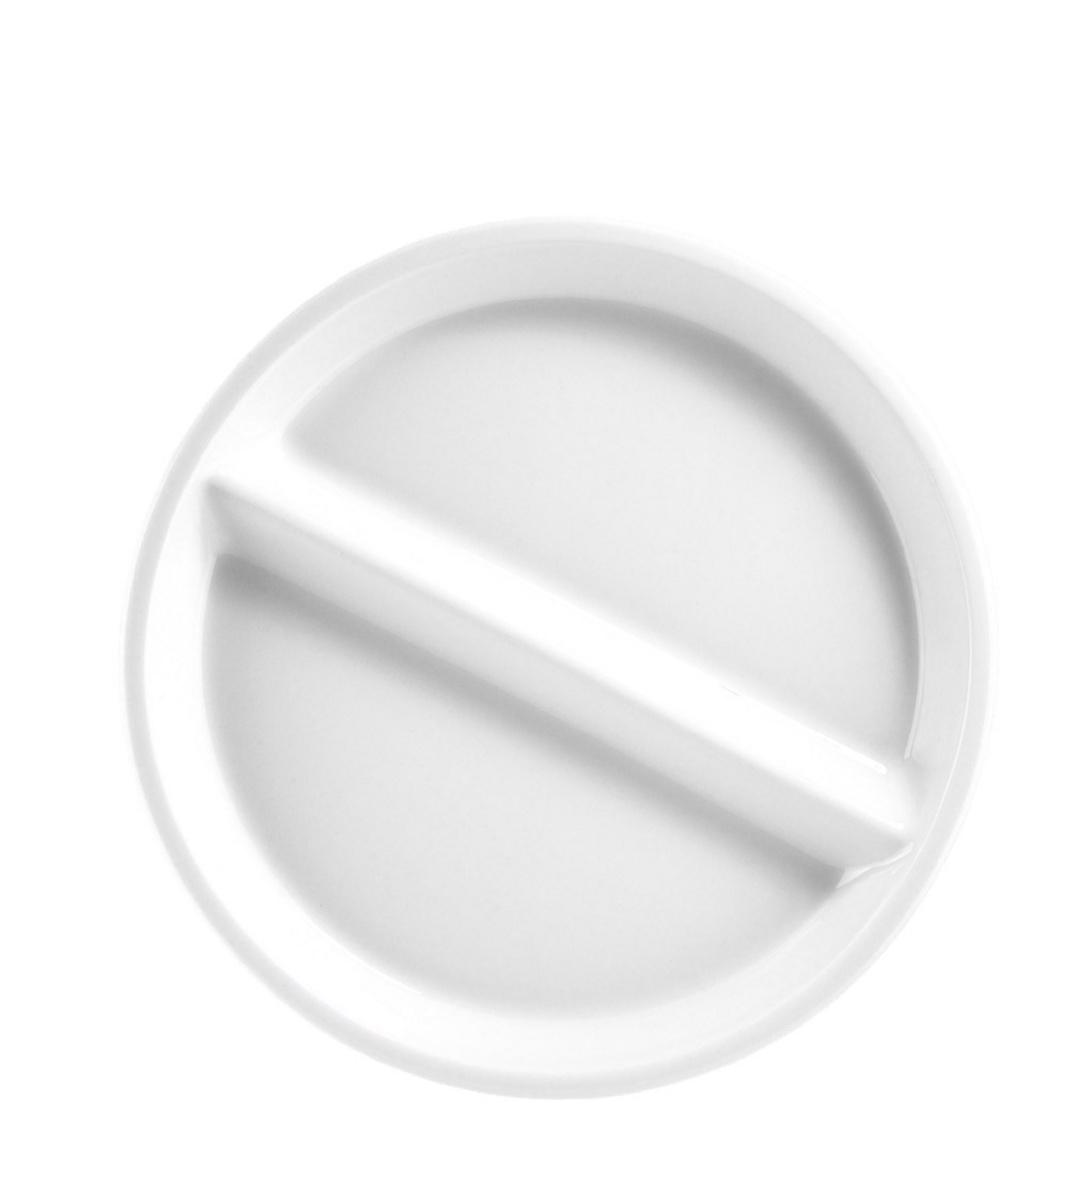 Assiette régithermie ronde blanc porcelaine Ø 23 cm Regithermie Pillivuyt